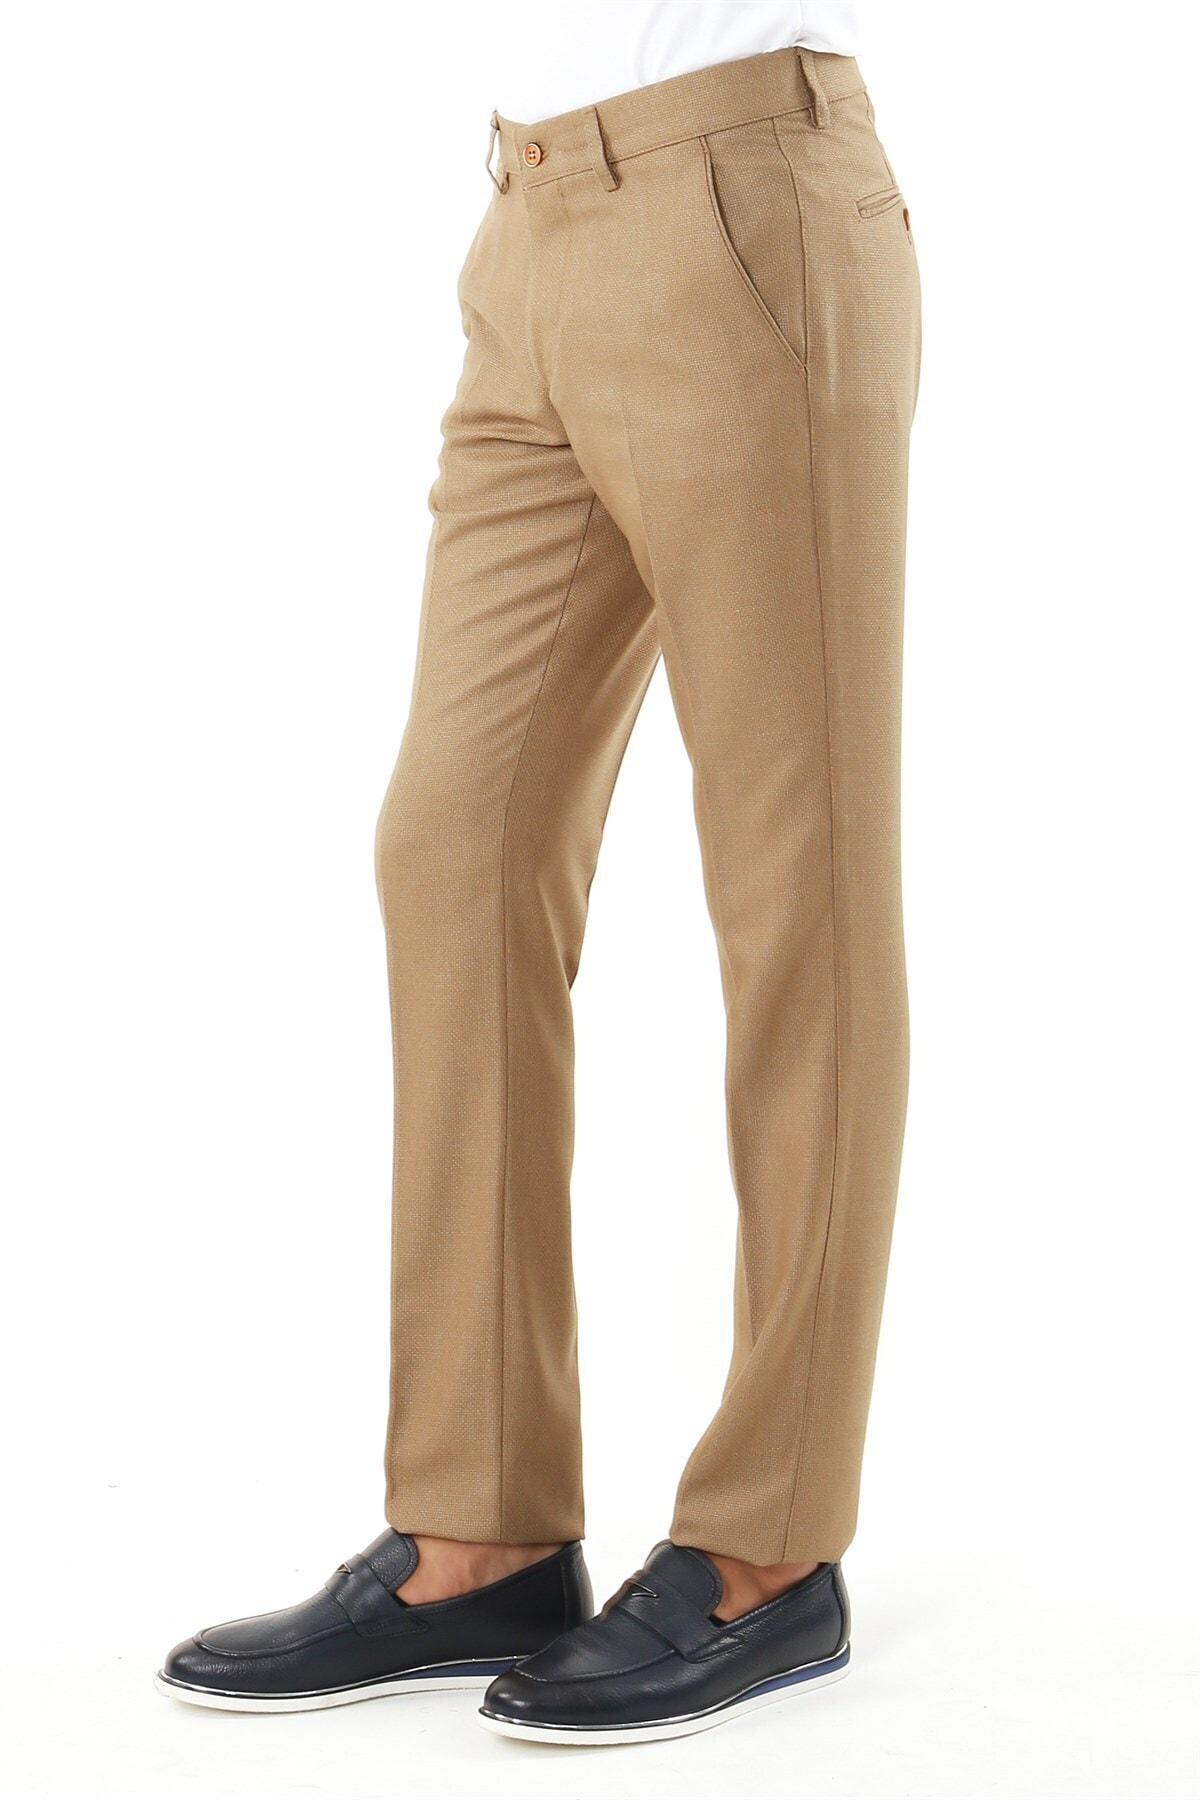 Jakamen Erkek Klasik Kalıp - Regular Fit Serili Spor Yan Cep Serili Pantolon 1